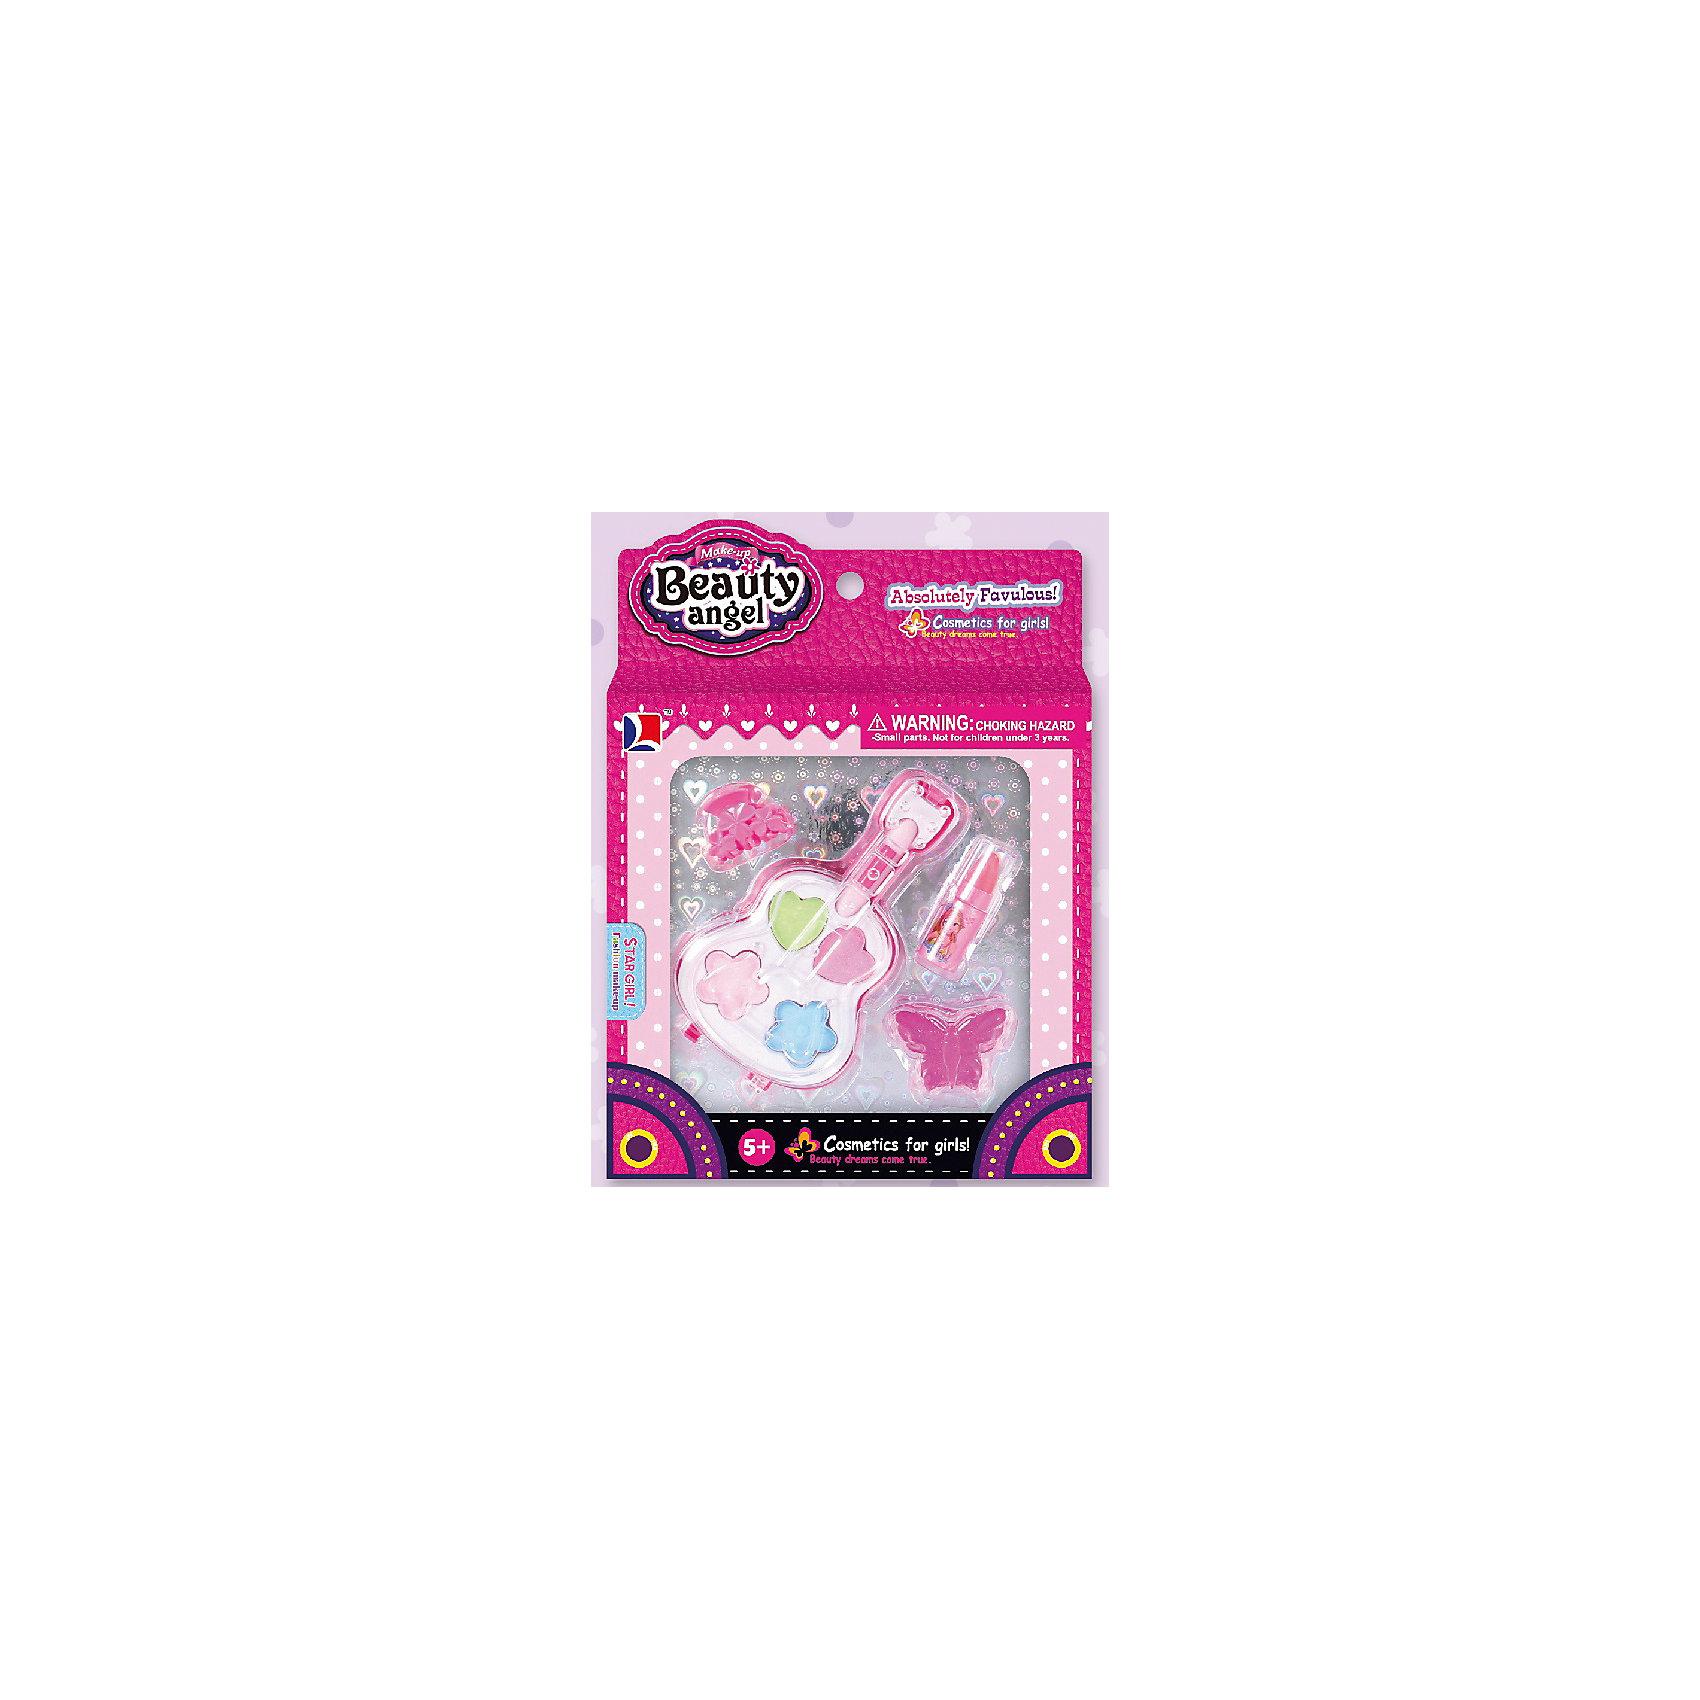 Игровой мини-набор Гитара, Beauty AngelКосметика, грим и парфюмерия<br>Характеристики:<br><br>• Вид игрушек: детская косметика<br>• Пол: для девочки<br>• Материал: пластик, натуральные компоненты и красители<br>• Цвет: розовый, красный, голубой, зеленый<br>• Комплектация: <br> тени для век – 4 тона<br> блеск для губ – 1 тон<br> губная помада – 1 тон<br> заколка для волос – 2 шт.<br> кисточка – 1 шт.<br>• Форма футляра: гитара<br>• Размер упаковки (Д*Ш*В): 14*2,5*19,8 см<br>• Вес: 75 г<br>• Упаковка: картонная коробка с блистером<br><br>Игровой мини-набор Гитара, Beauty Angel от всемирно известного торгового бренда Dileny, который занимается разработкой, дизайном и выпуском детской декоративной косметики с учетом модных и стильных тенденций мира моды. Линейка наборов Beauty Angel представляет собой косметические наборы в состав которых входят как матовые, так и перламутровые оттенки, аксессуары и инструменты для нанесения макияжа. <br><br>Декоративная косметика от Dileny легко наносится, ложится ровным слоем, не осыпается и легко смывается либо теплой водой, либо детским косметическим маслом. Косметика обладает повышенными гипоаллергенными свойствами и легким ароматом. Игровой мини-набор Гитара, Beauty Angel состоит из теней для век, блеска для губ, губной помады и кисточки. В комплект также входят заколки для волос. Футляр выполнен в форме гитары.<br><br>Игровой мини-набор Гитара, Beauty Angel станет идеальным подарком для девочки к любому празднику.<br><br>Игровой мини-набор Гитара, Beauty Angel можно купить в нашем интернет-магазине.<br><br>Ширина мм: 140<br>Глубина мм: 25<br>Высота мм: 198<br>Вес г: 75<br>Возраст от месяцев: 60<br>Возраст до месяцев: 120<br>Пол: Женский<br>Возраст: Детский<br>SKU: 5418969